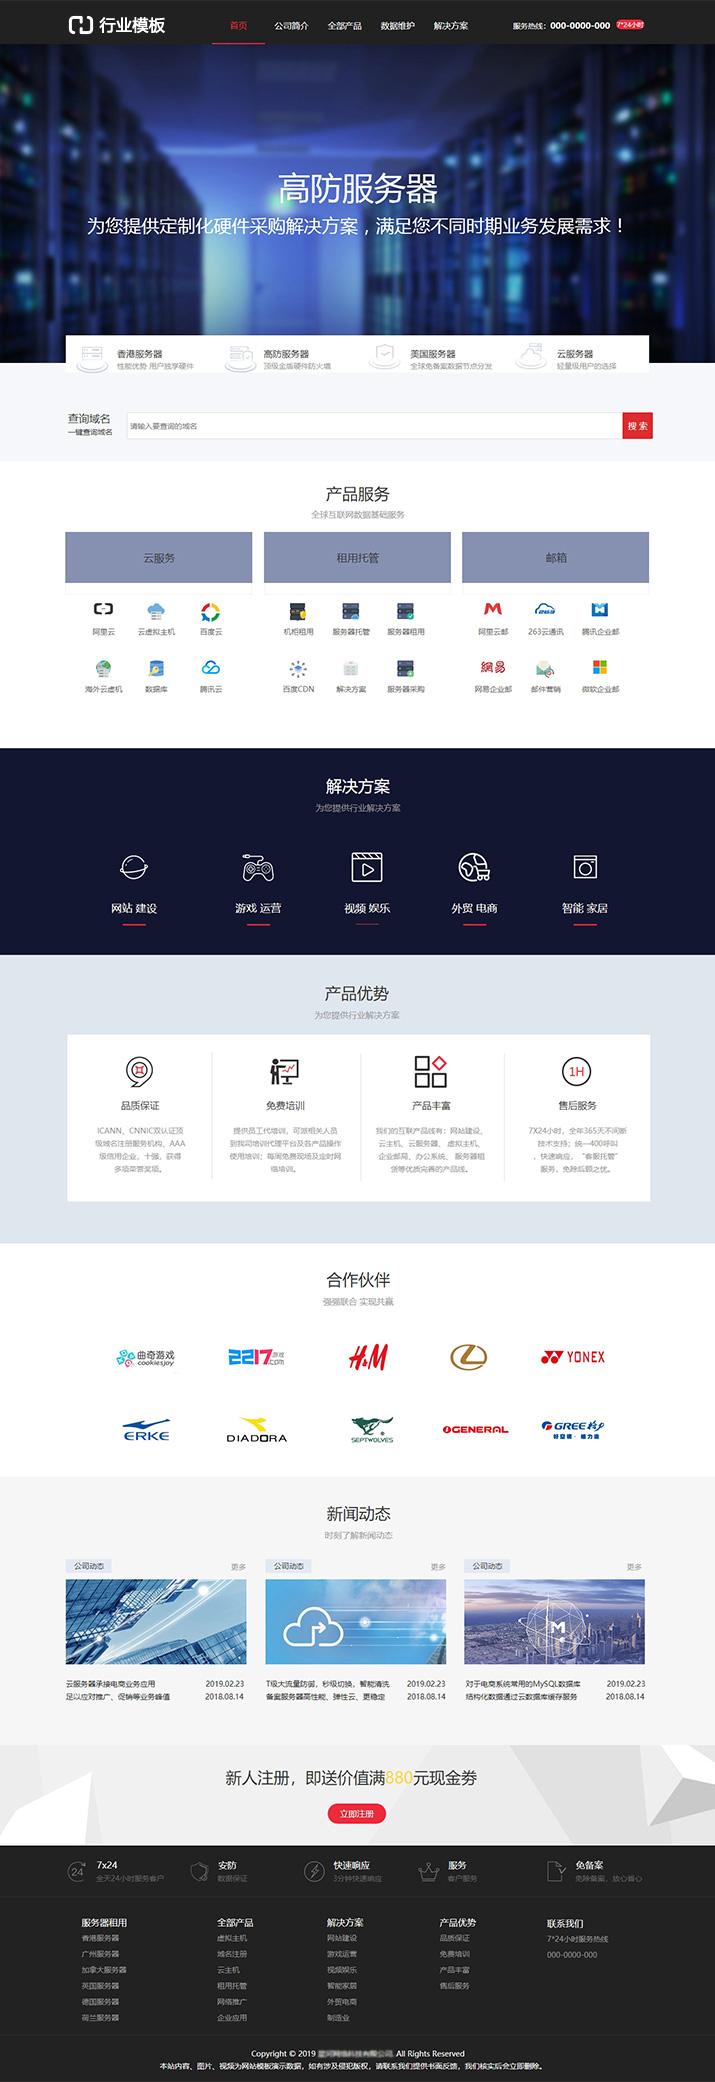 星河服务器租赁网站模板